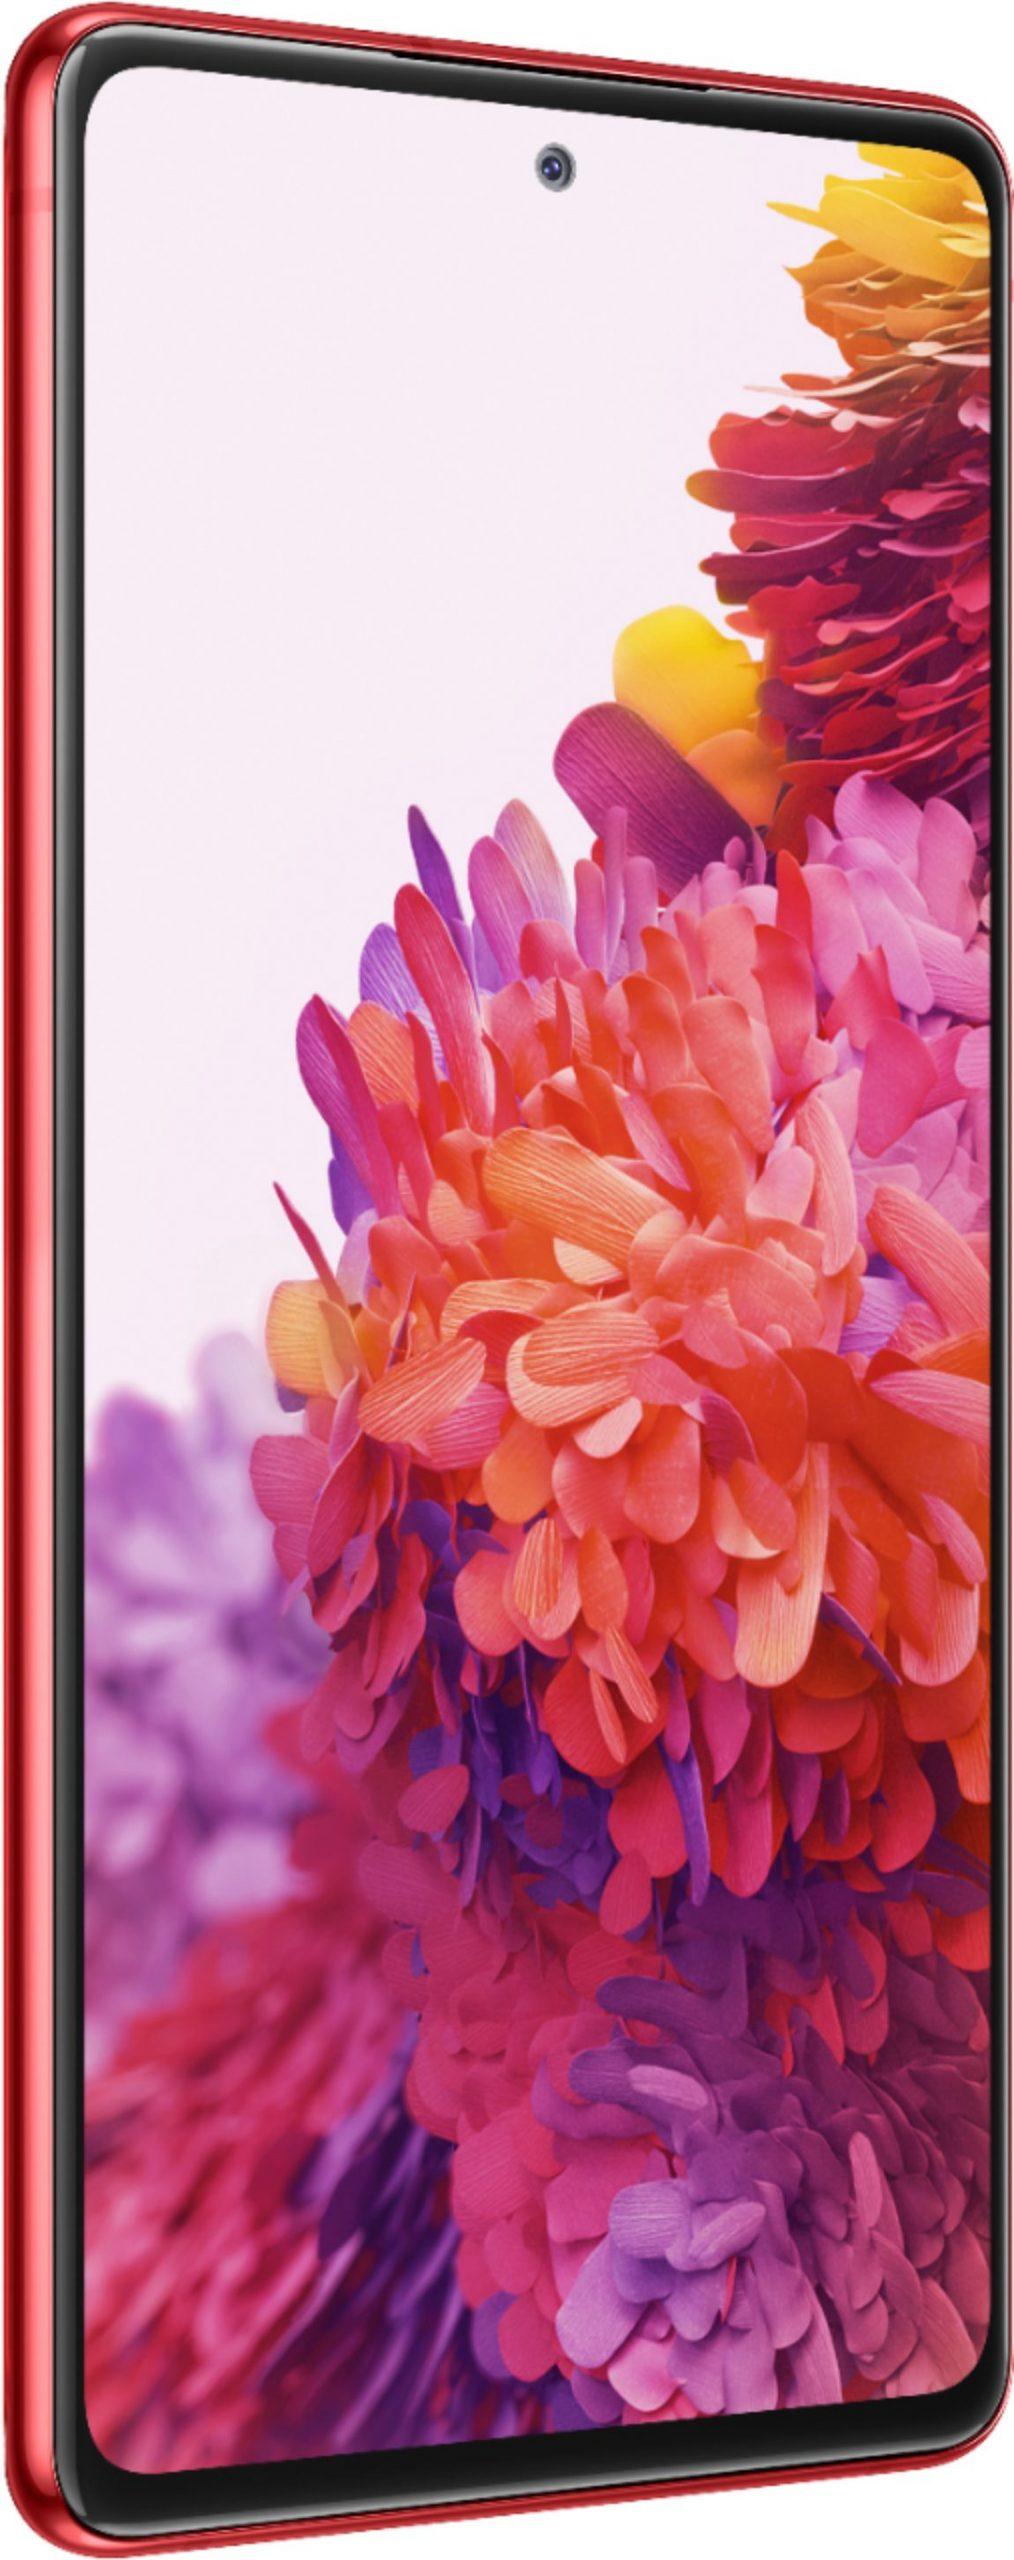 Samsung Galaxy S20 FE (SM-G780F) RED - 2